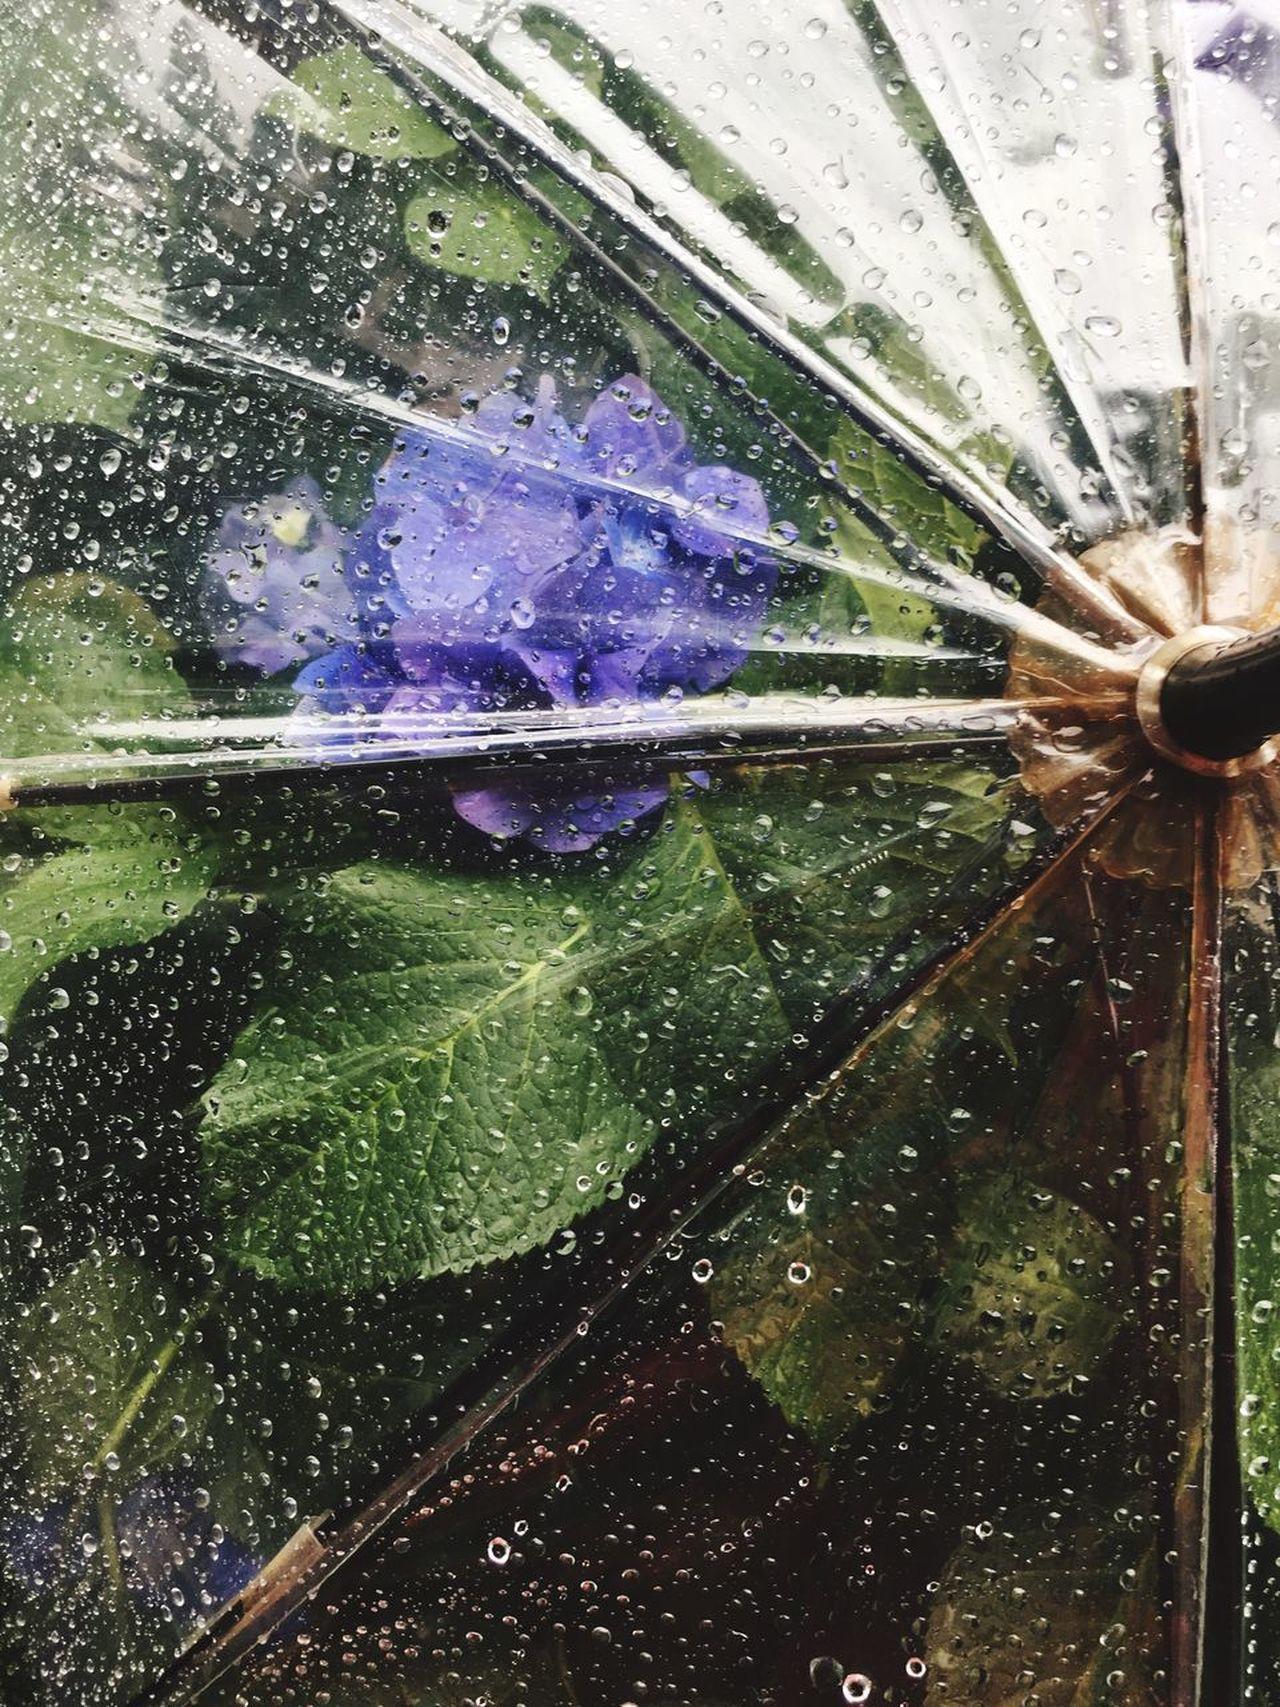 Rain Water Drop Wet Flower Drops Umbrella Purple Hydrangea